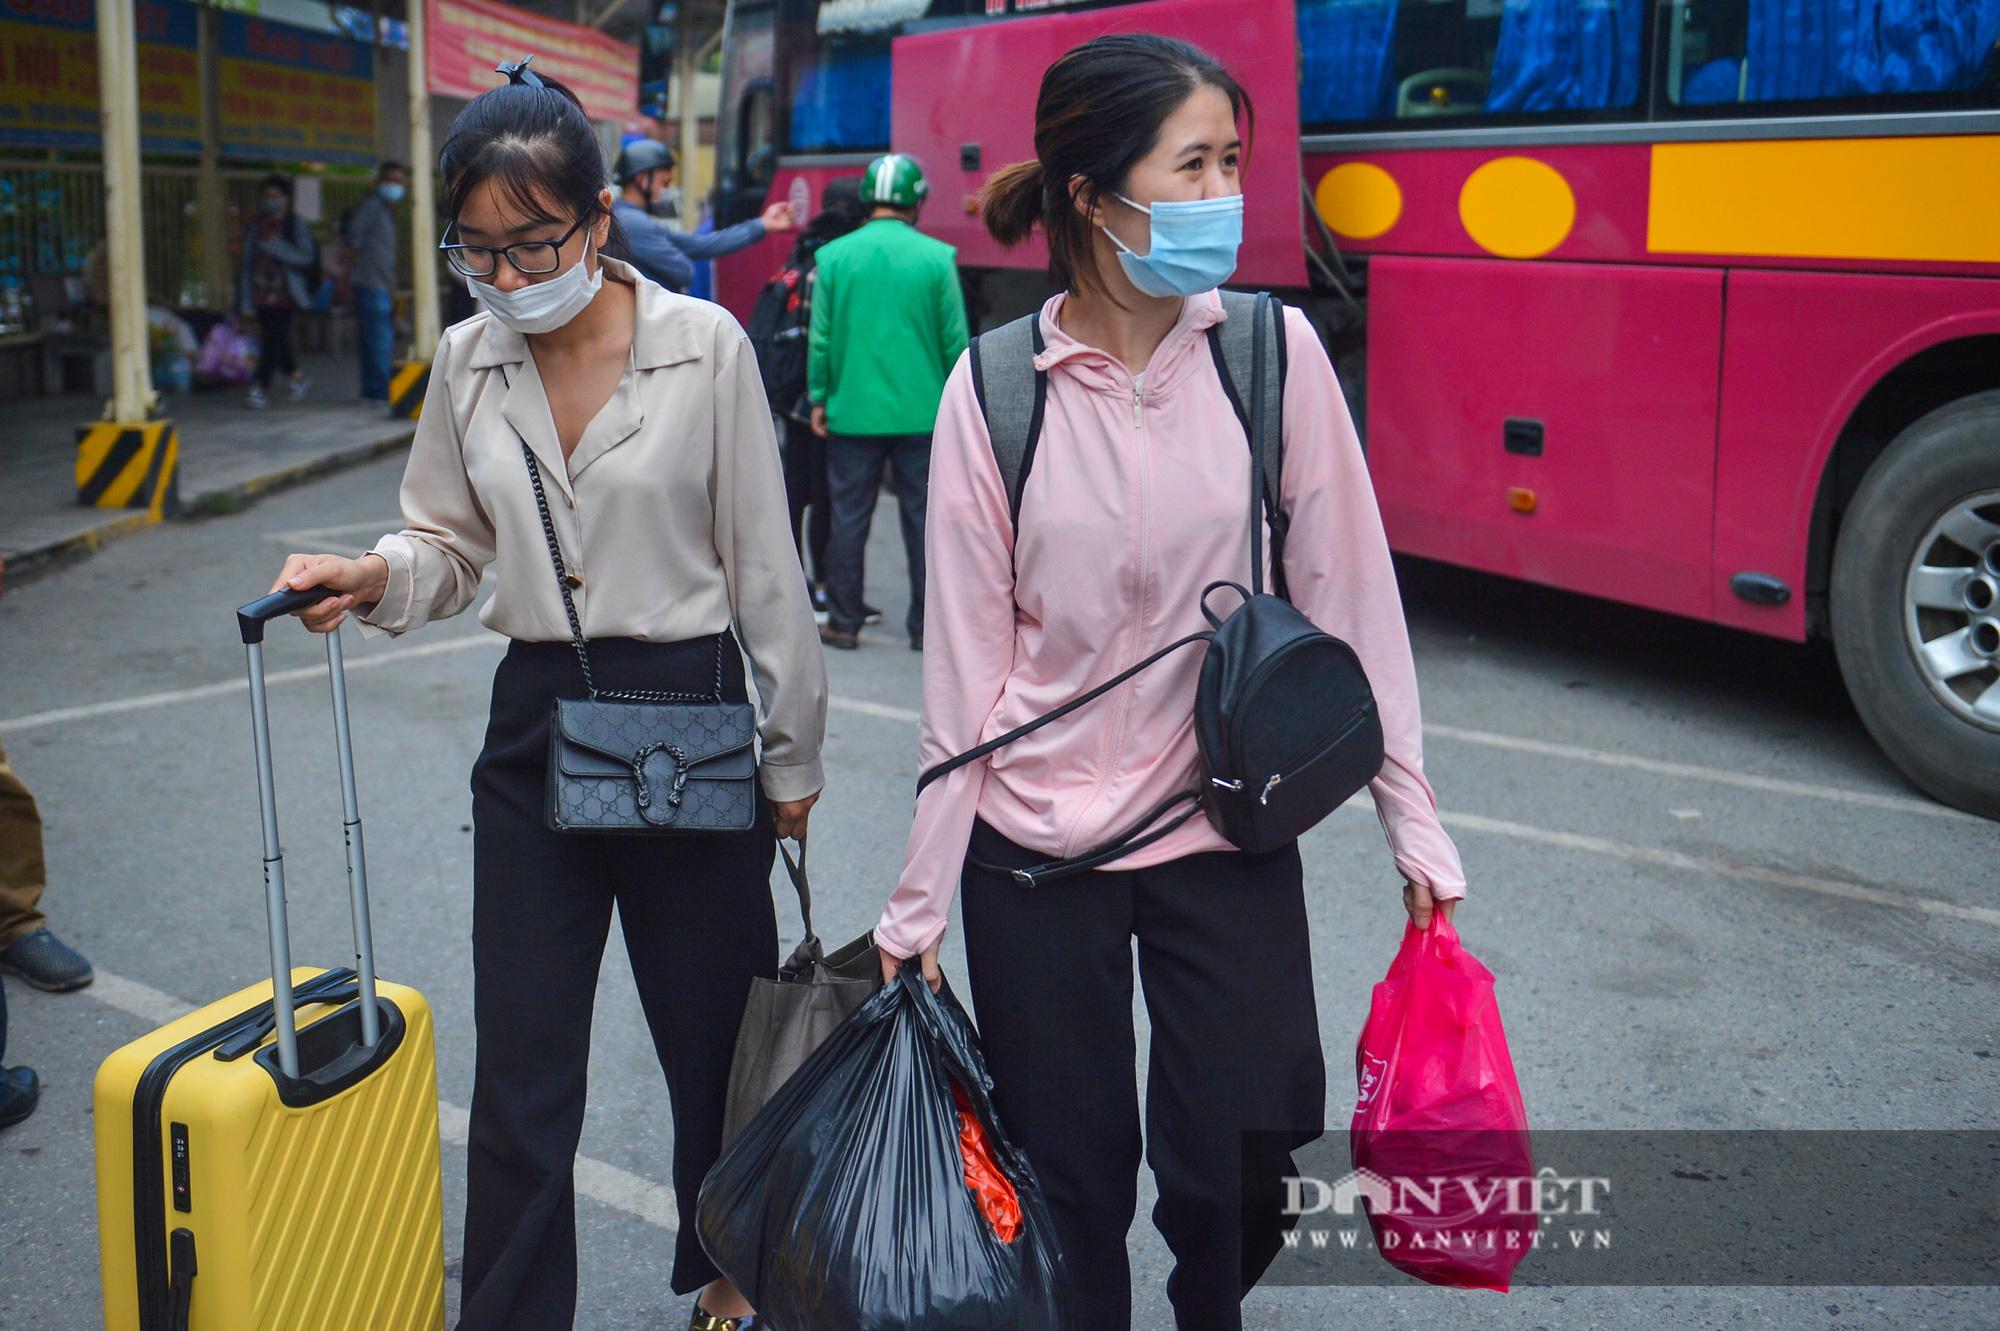 Lo sợ Covid-19 người dân 100% đeo khẩu trang tại các bến xe khi quay trở lại Hà Nội - Ảnh 9.